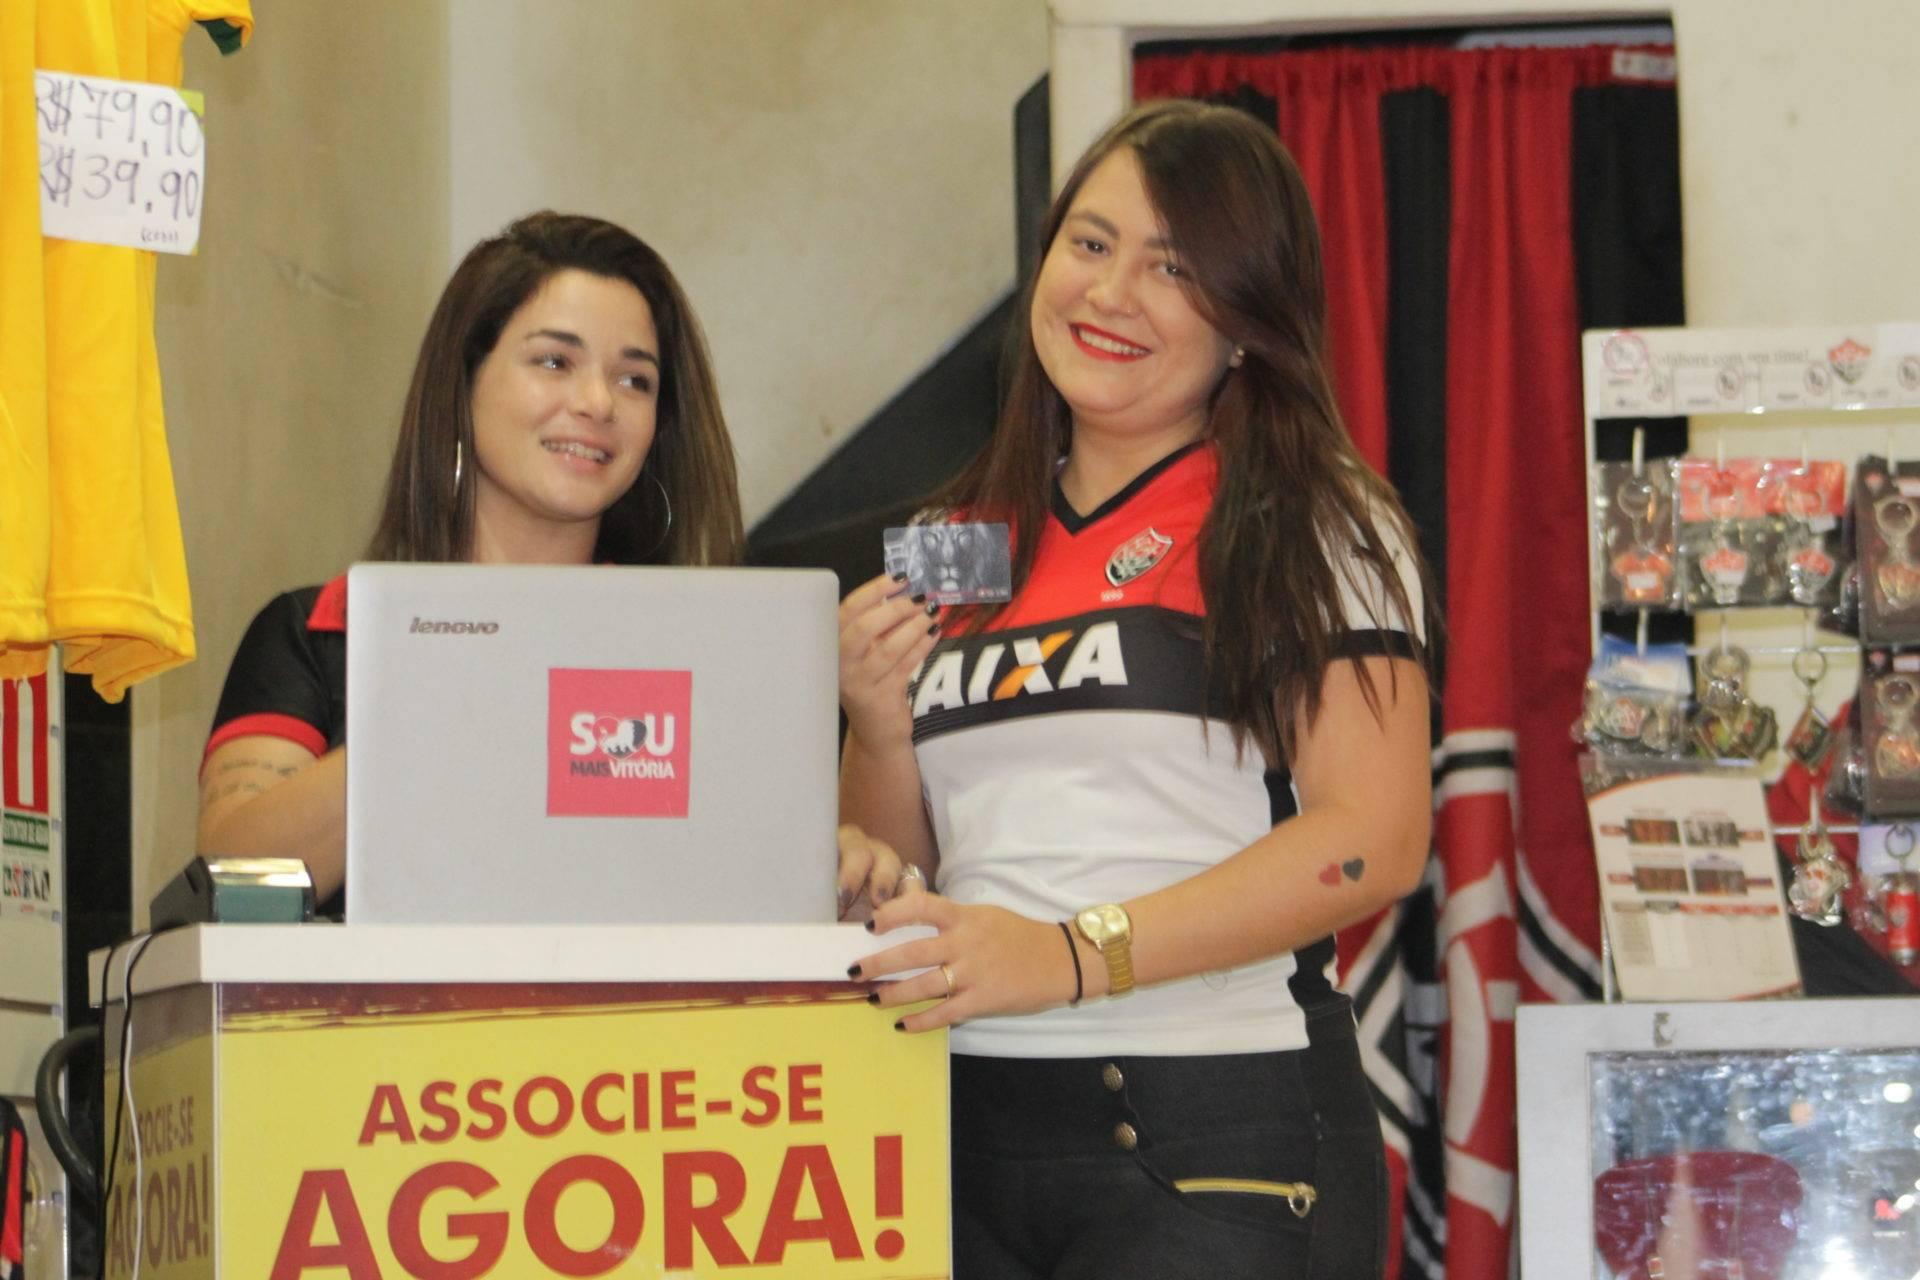 SOU MAIS VITÓRIA   Esporte Clube Vitória - Site Oficial 63bec46616497